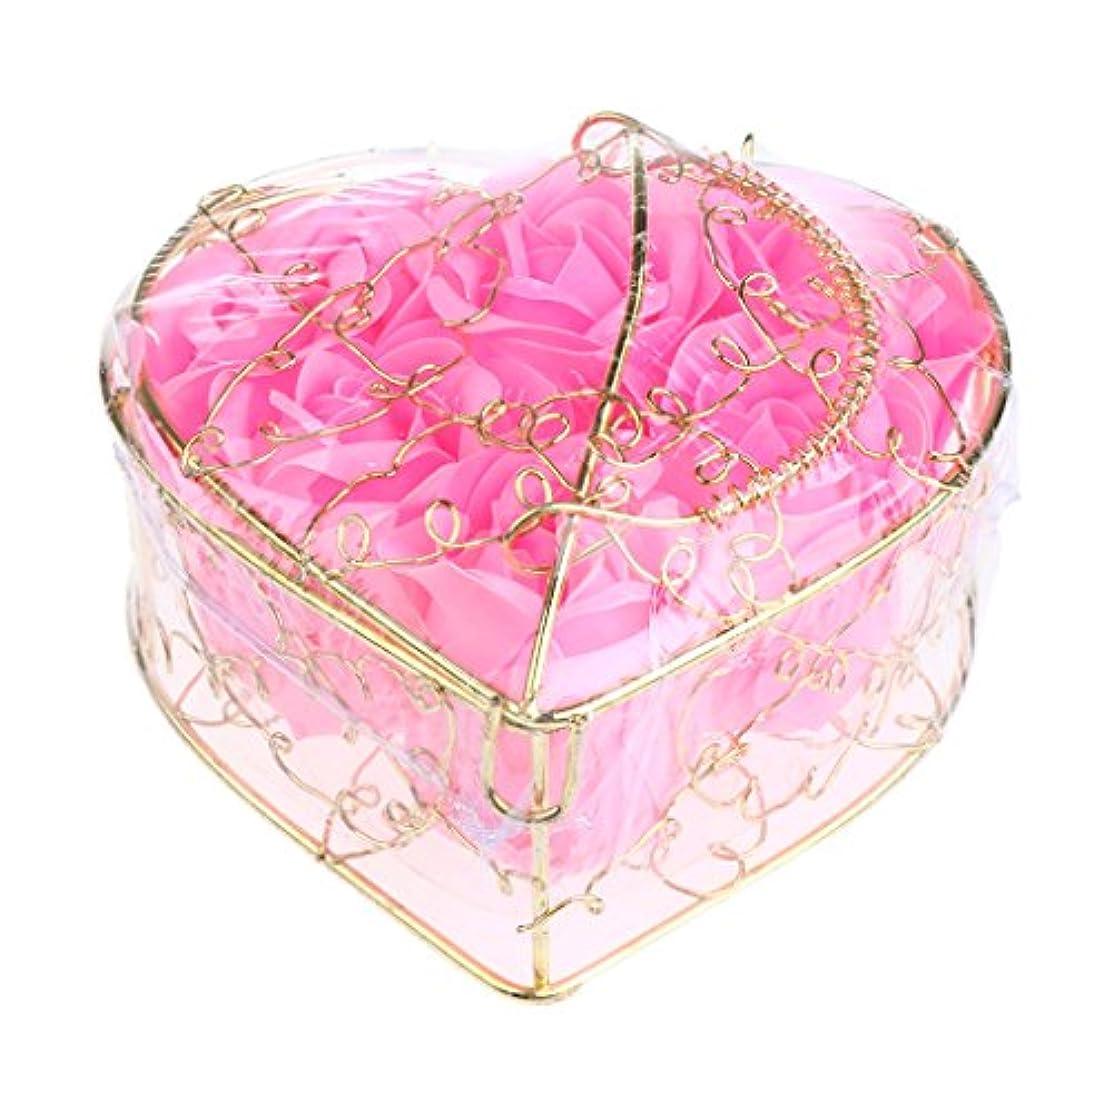 なにしたがって暫定Kesoto 6個 石鹸の花 バラ 石鹸の花びら 母の日 ギフトボックス ロマンチック 全5タイプ選べる - ピンク